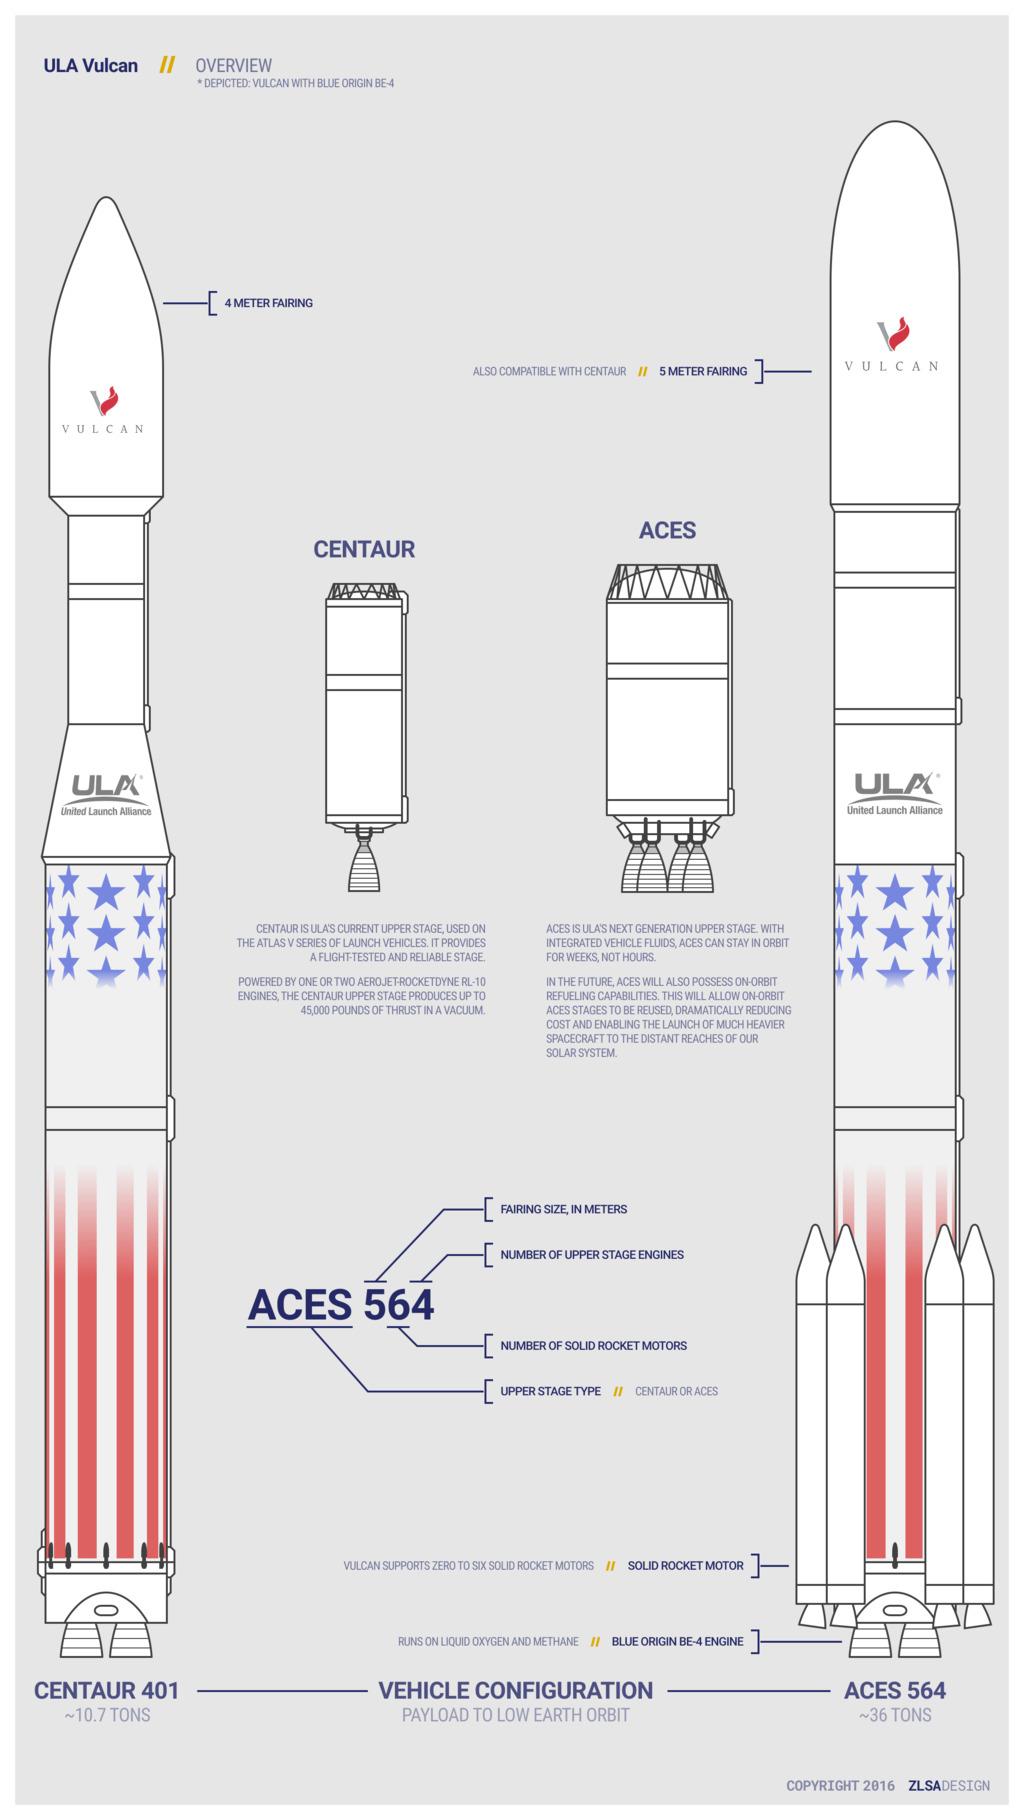 ULA Vulcan Overview